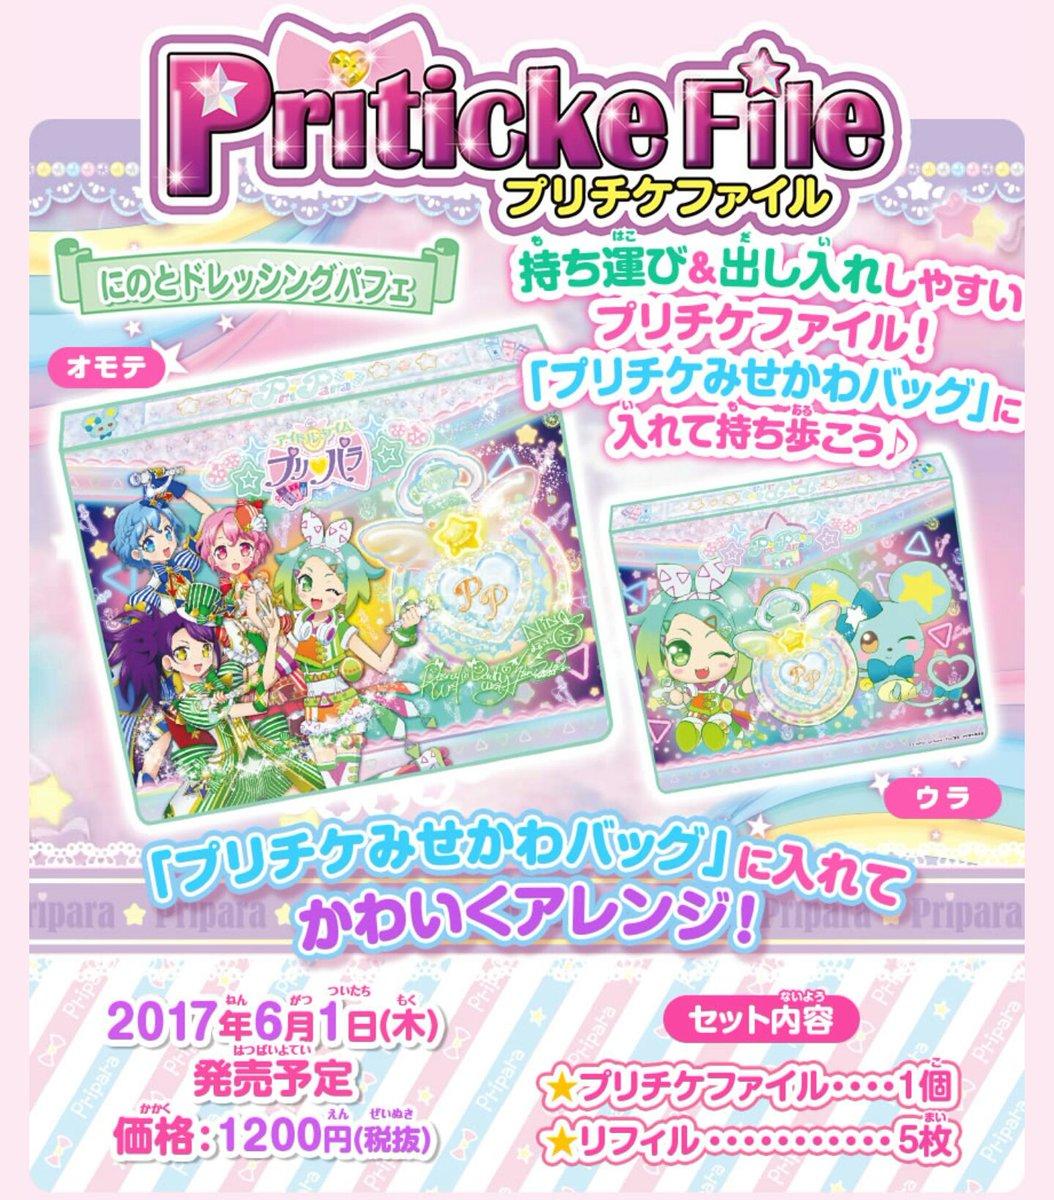 【プリパラ】6/1(木)発売予定 プリチケファイルの詳しい情報を公開したよ♪